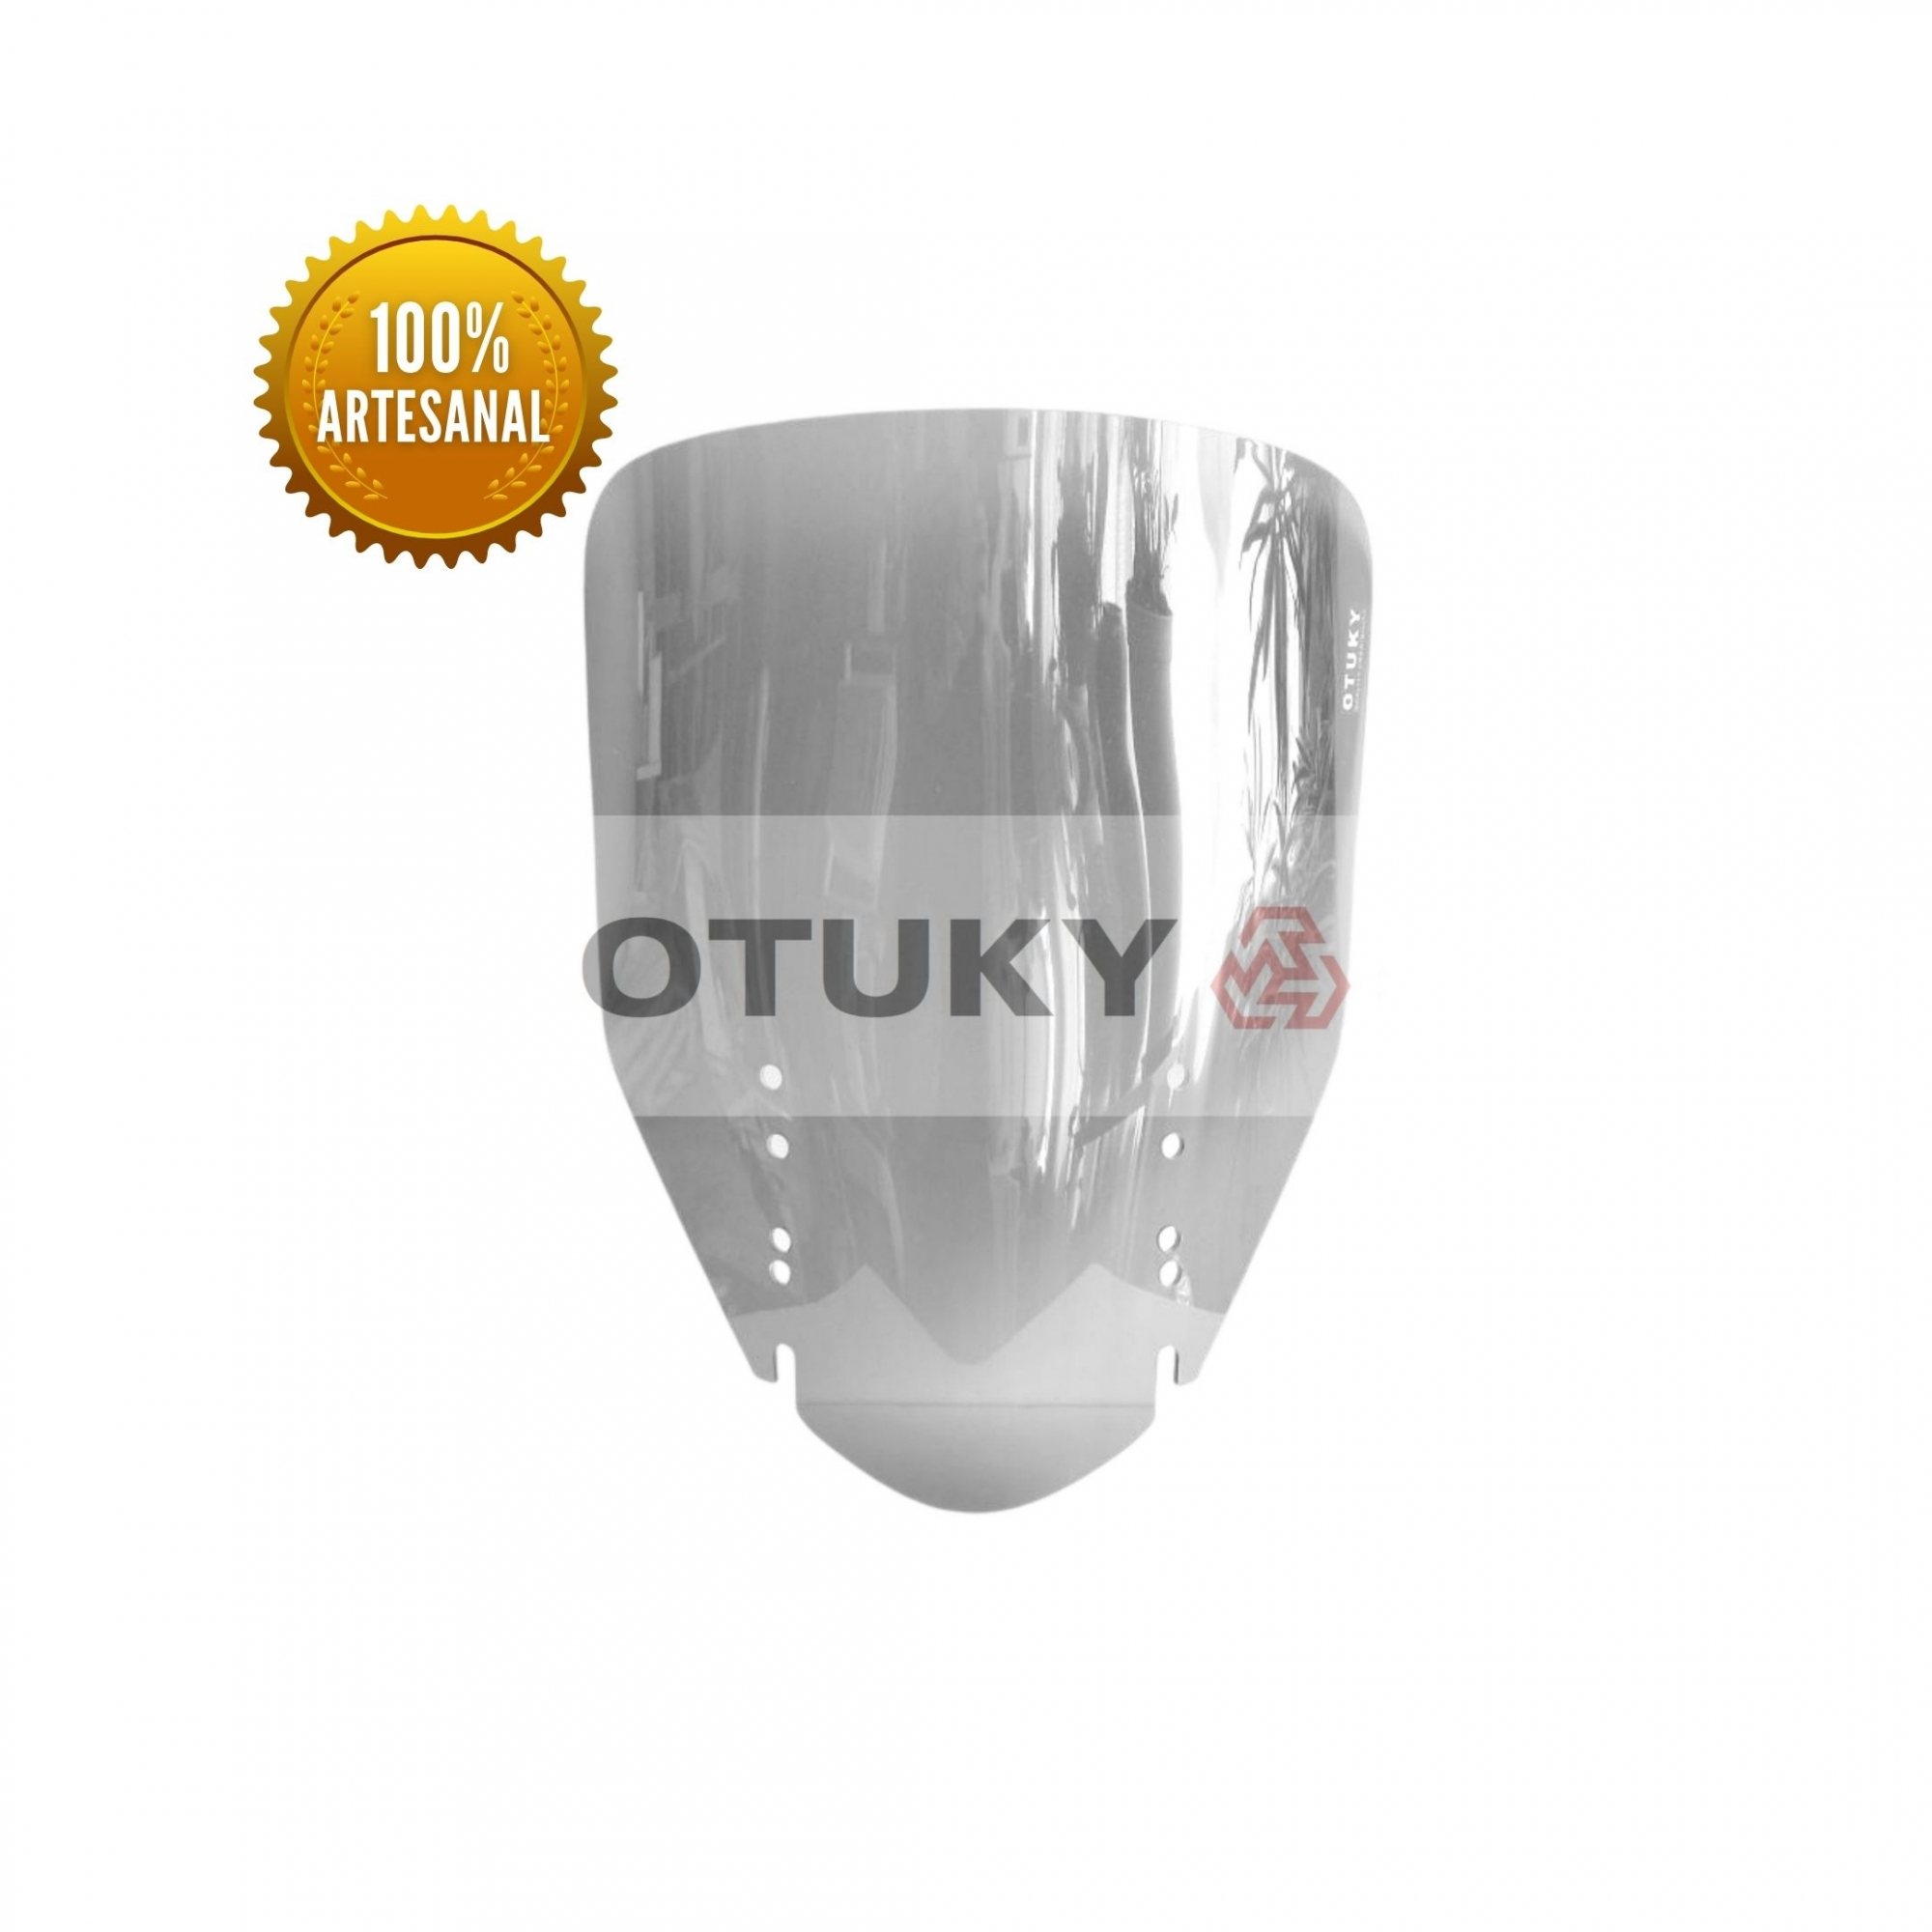 Bolha para Moto V-Strom DL 650 1000 2004 2013 Otuky Alongada Fumê Cinza